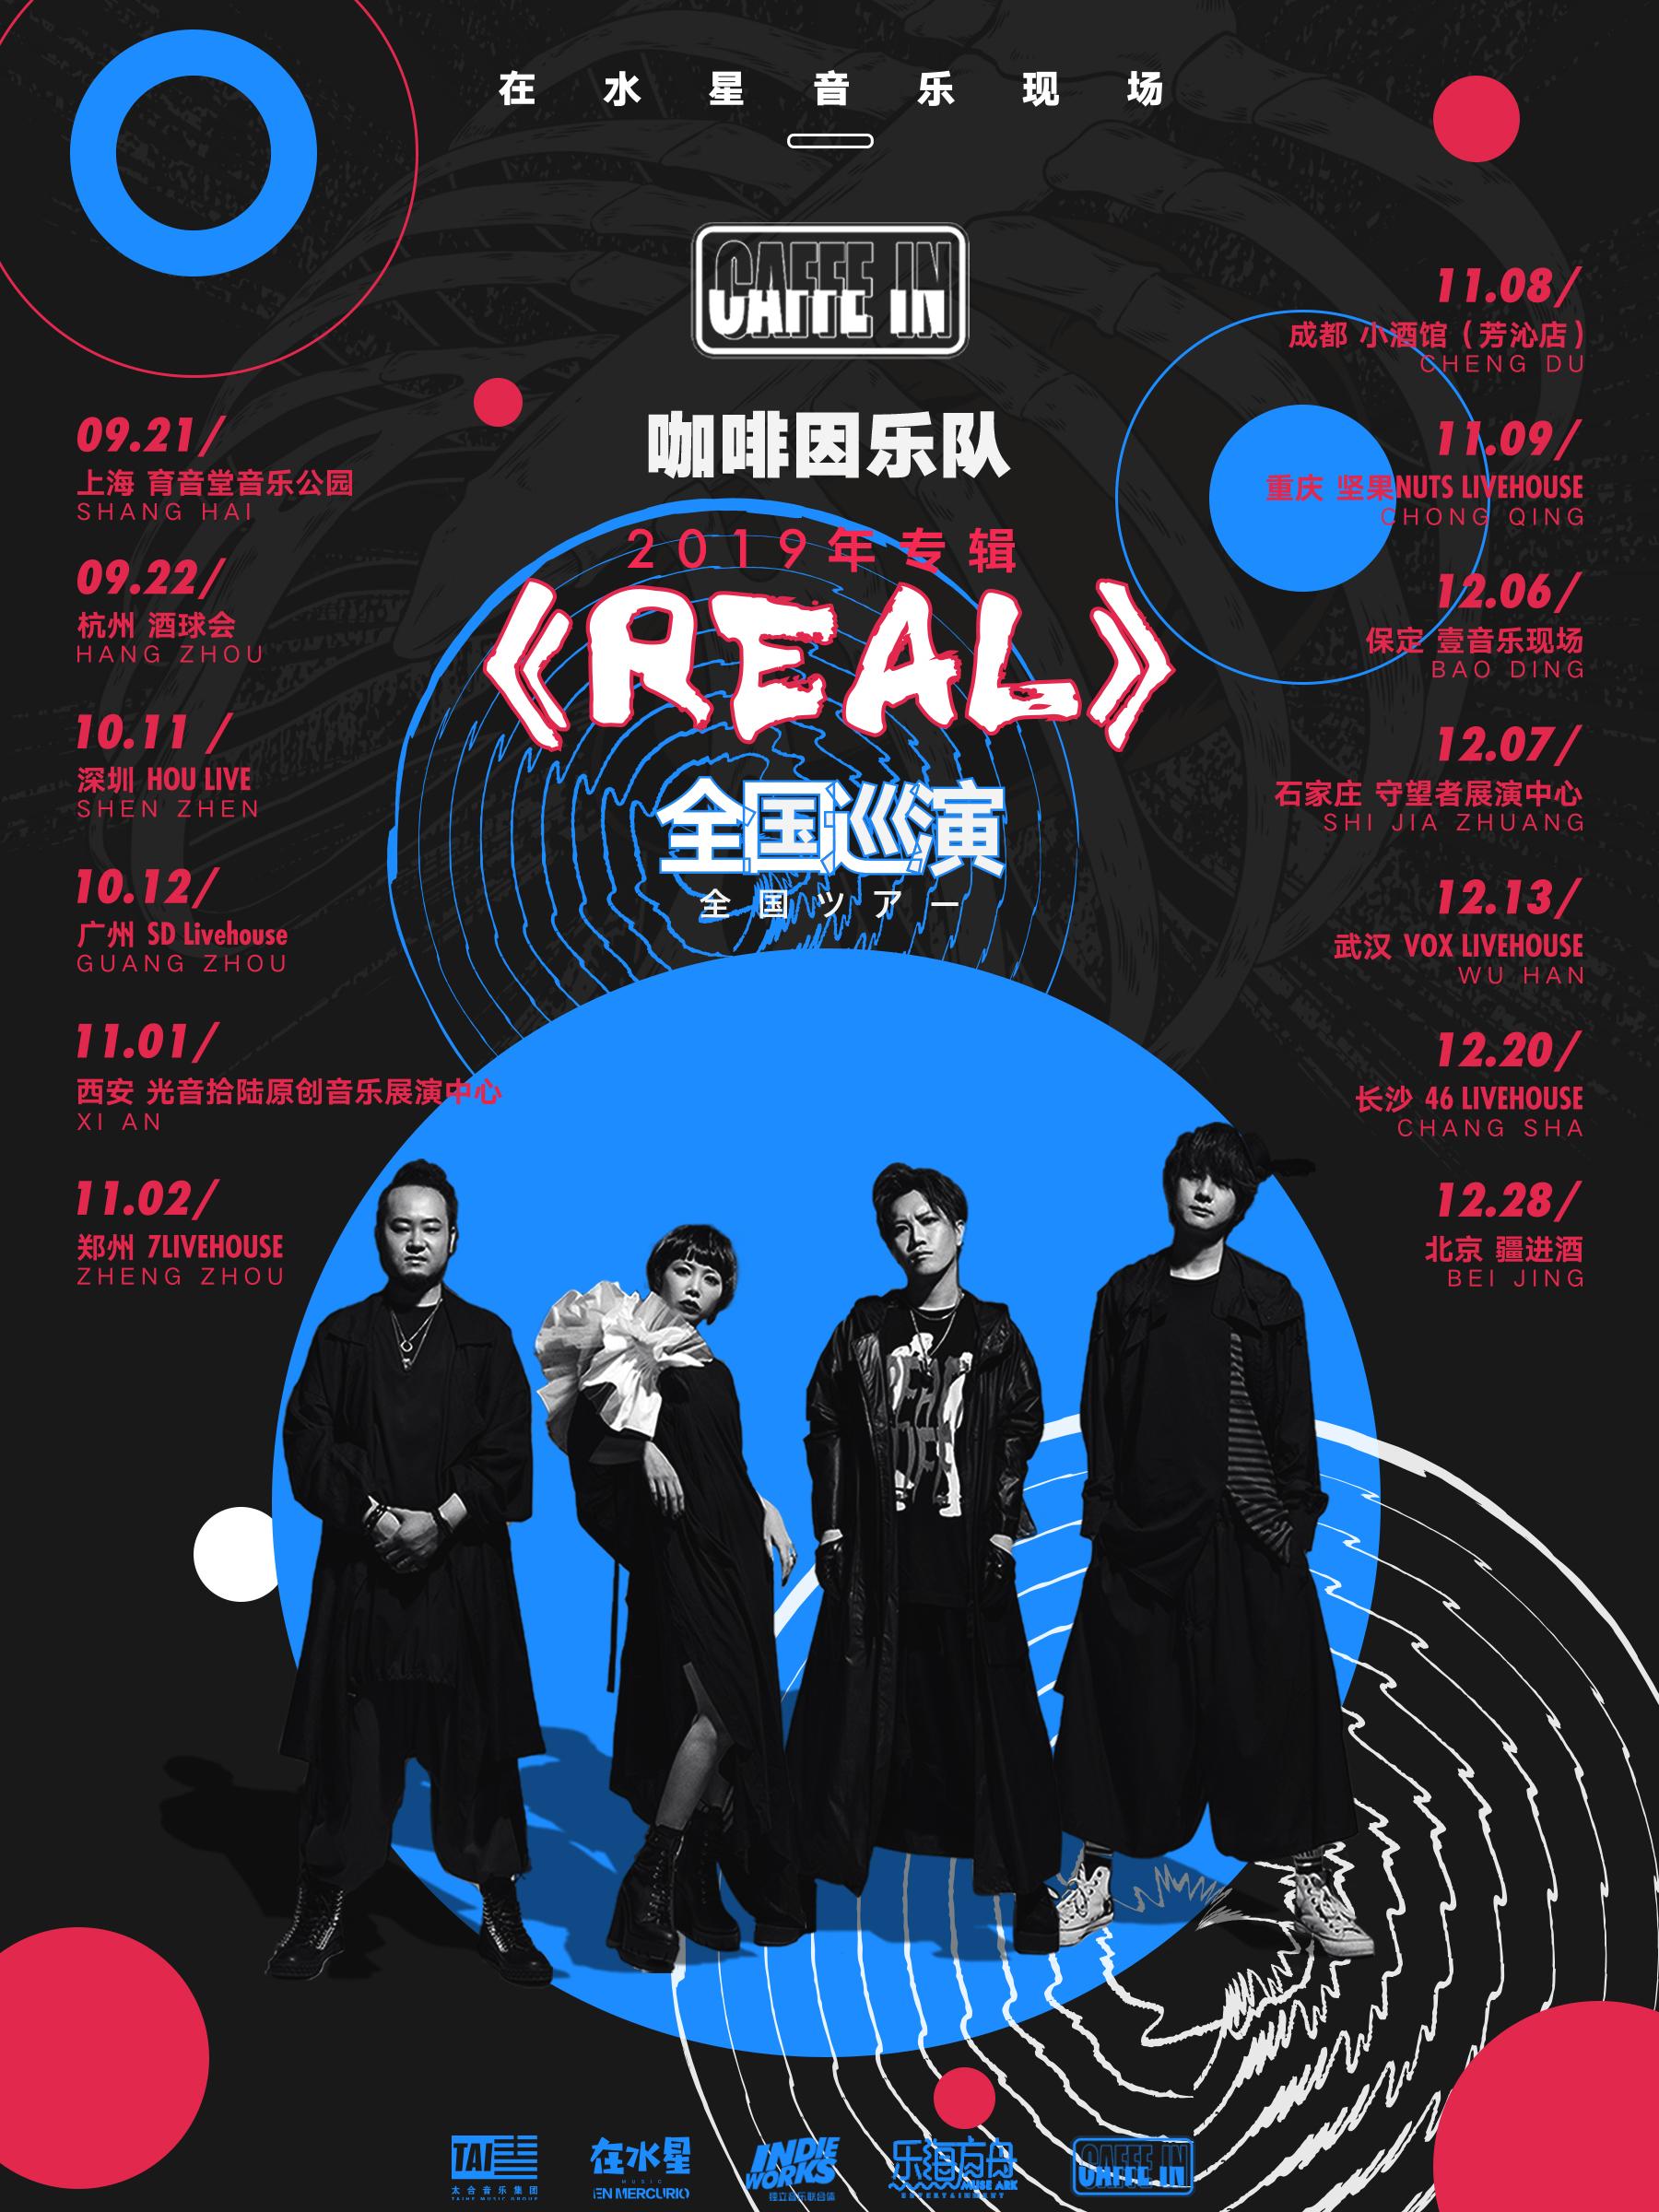 咖啡因乐队2019新专辑《REAL》巡演保定站